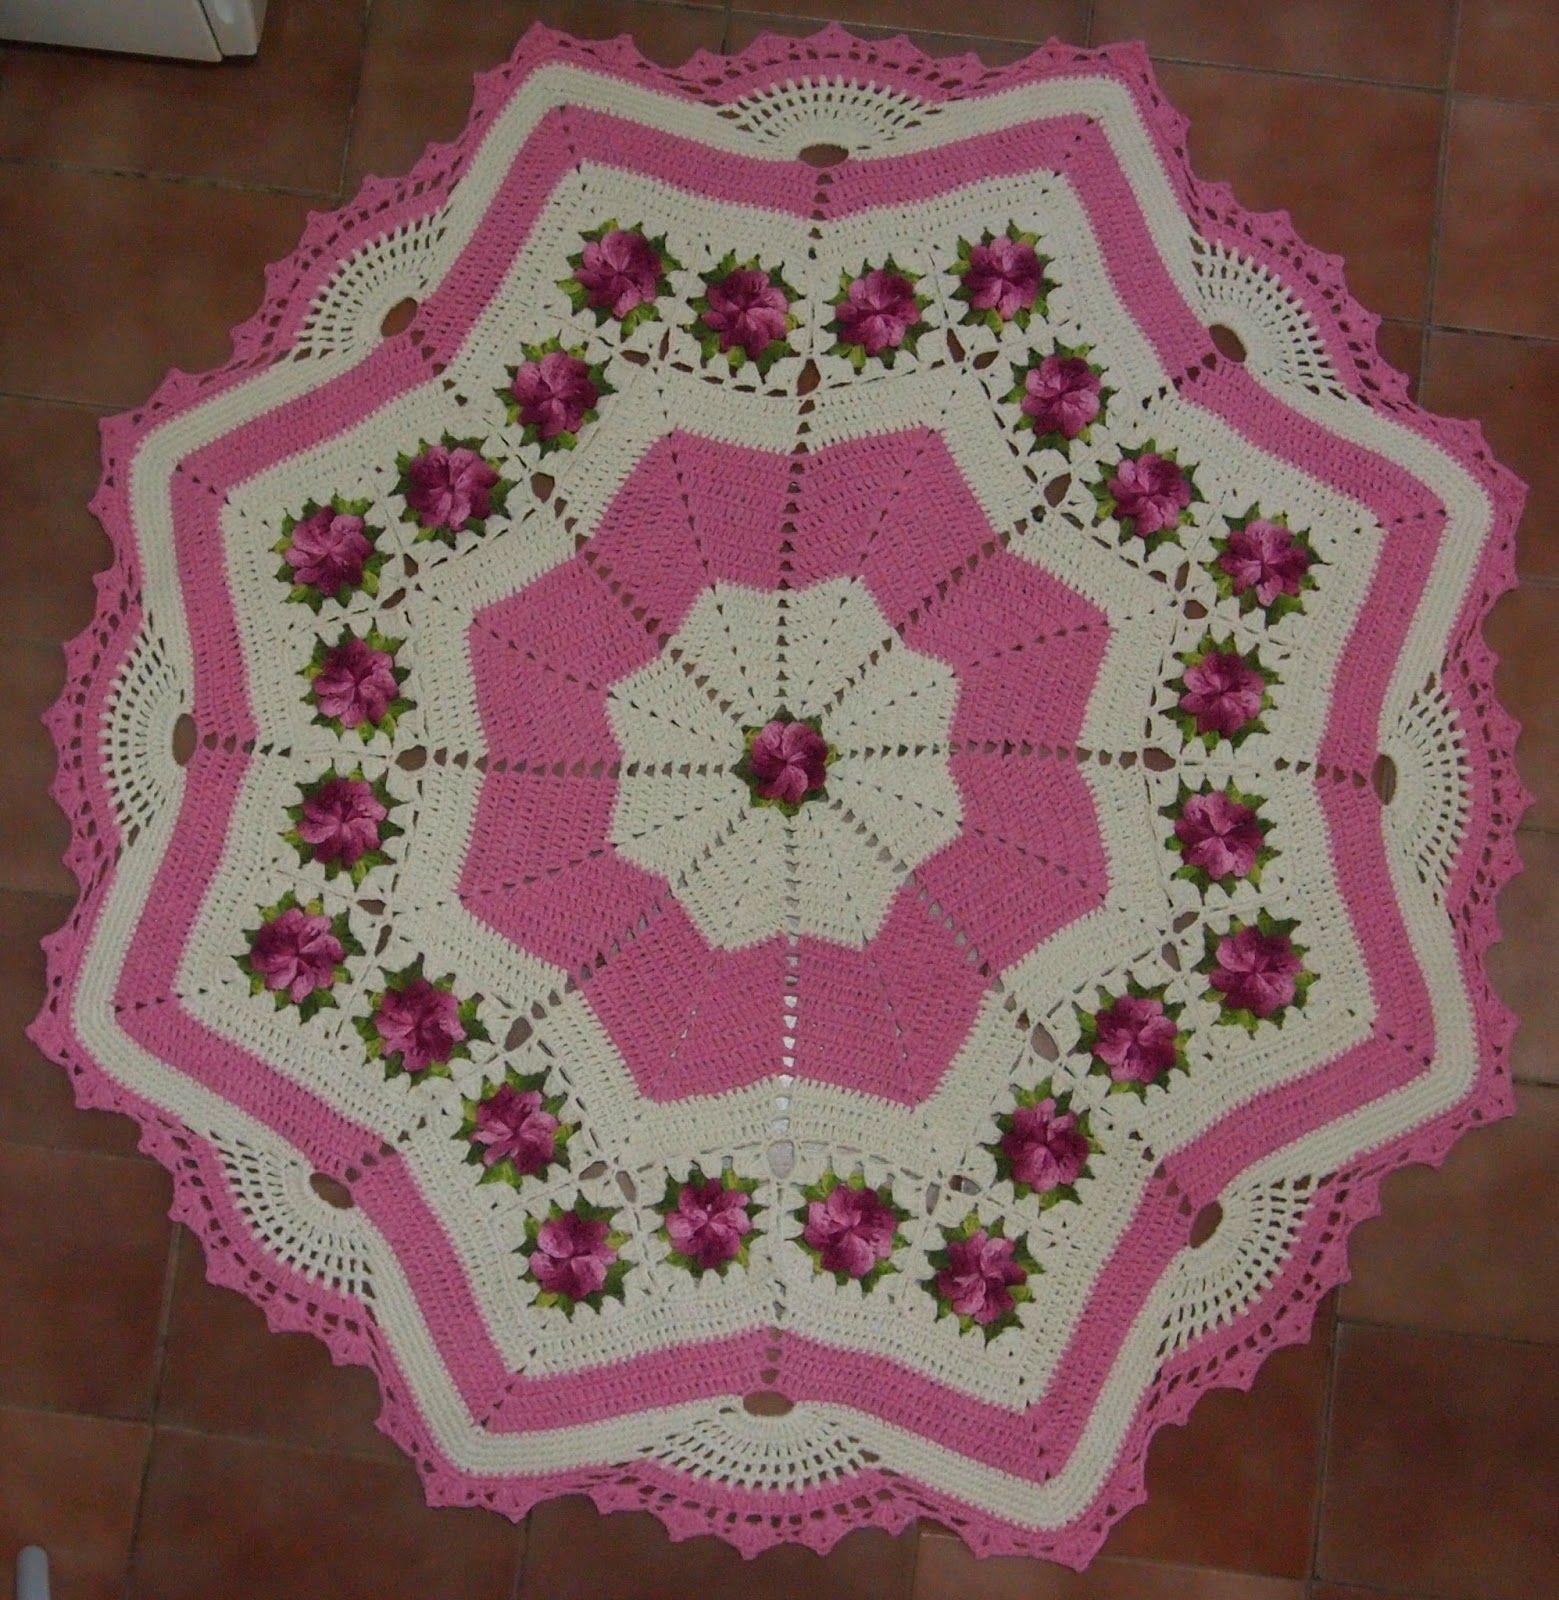 75 Modelos De Tapetes De Barbante Para Inspirar Crochet -> Tapetes De Croche Para Sala